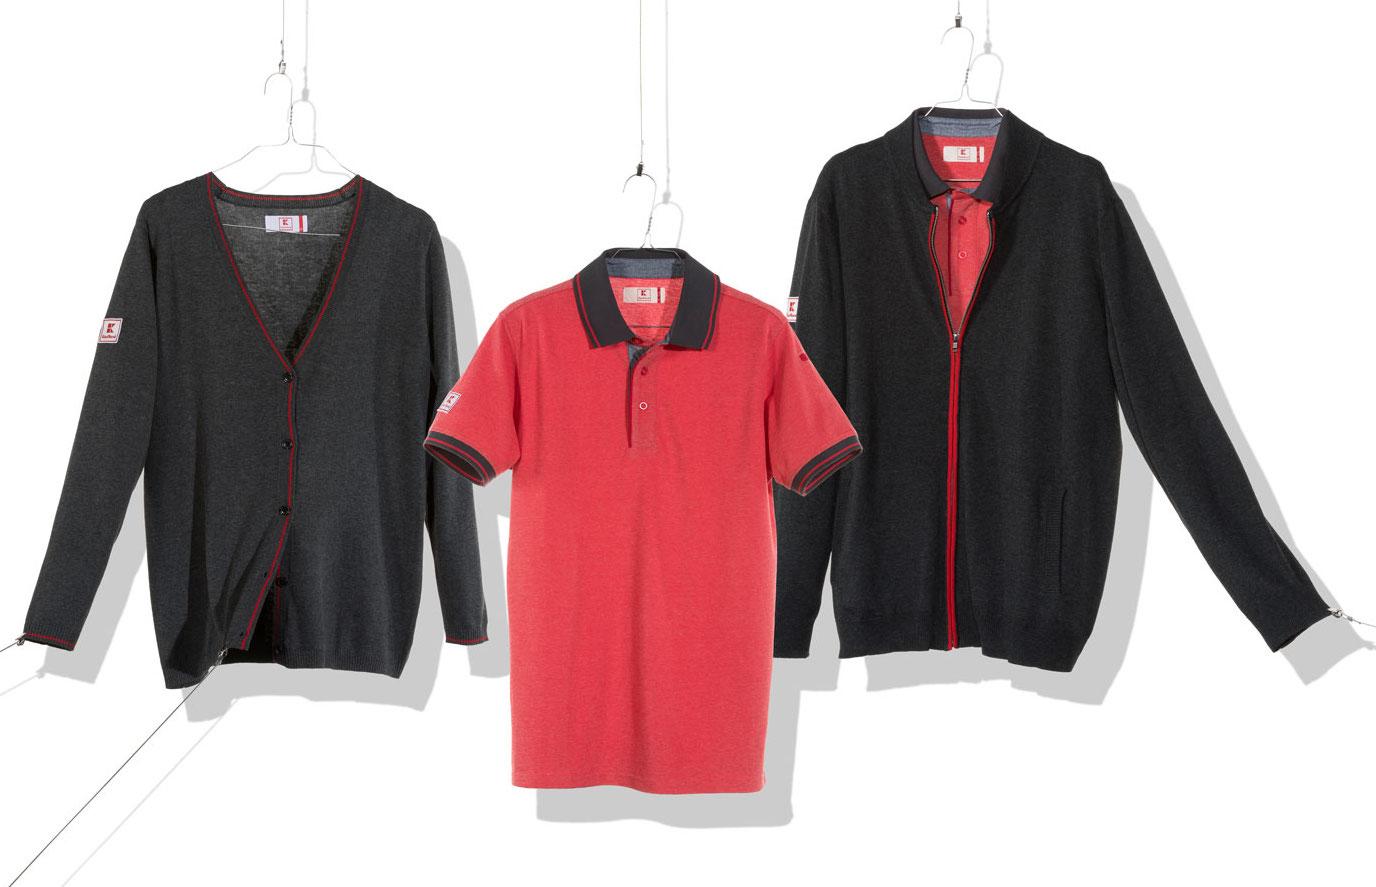 Kaufland Polo, Strick und Jacke mit Logos